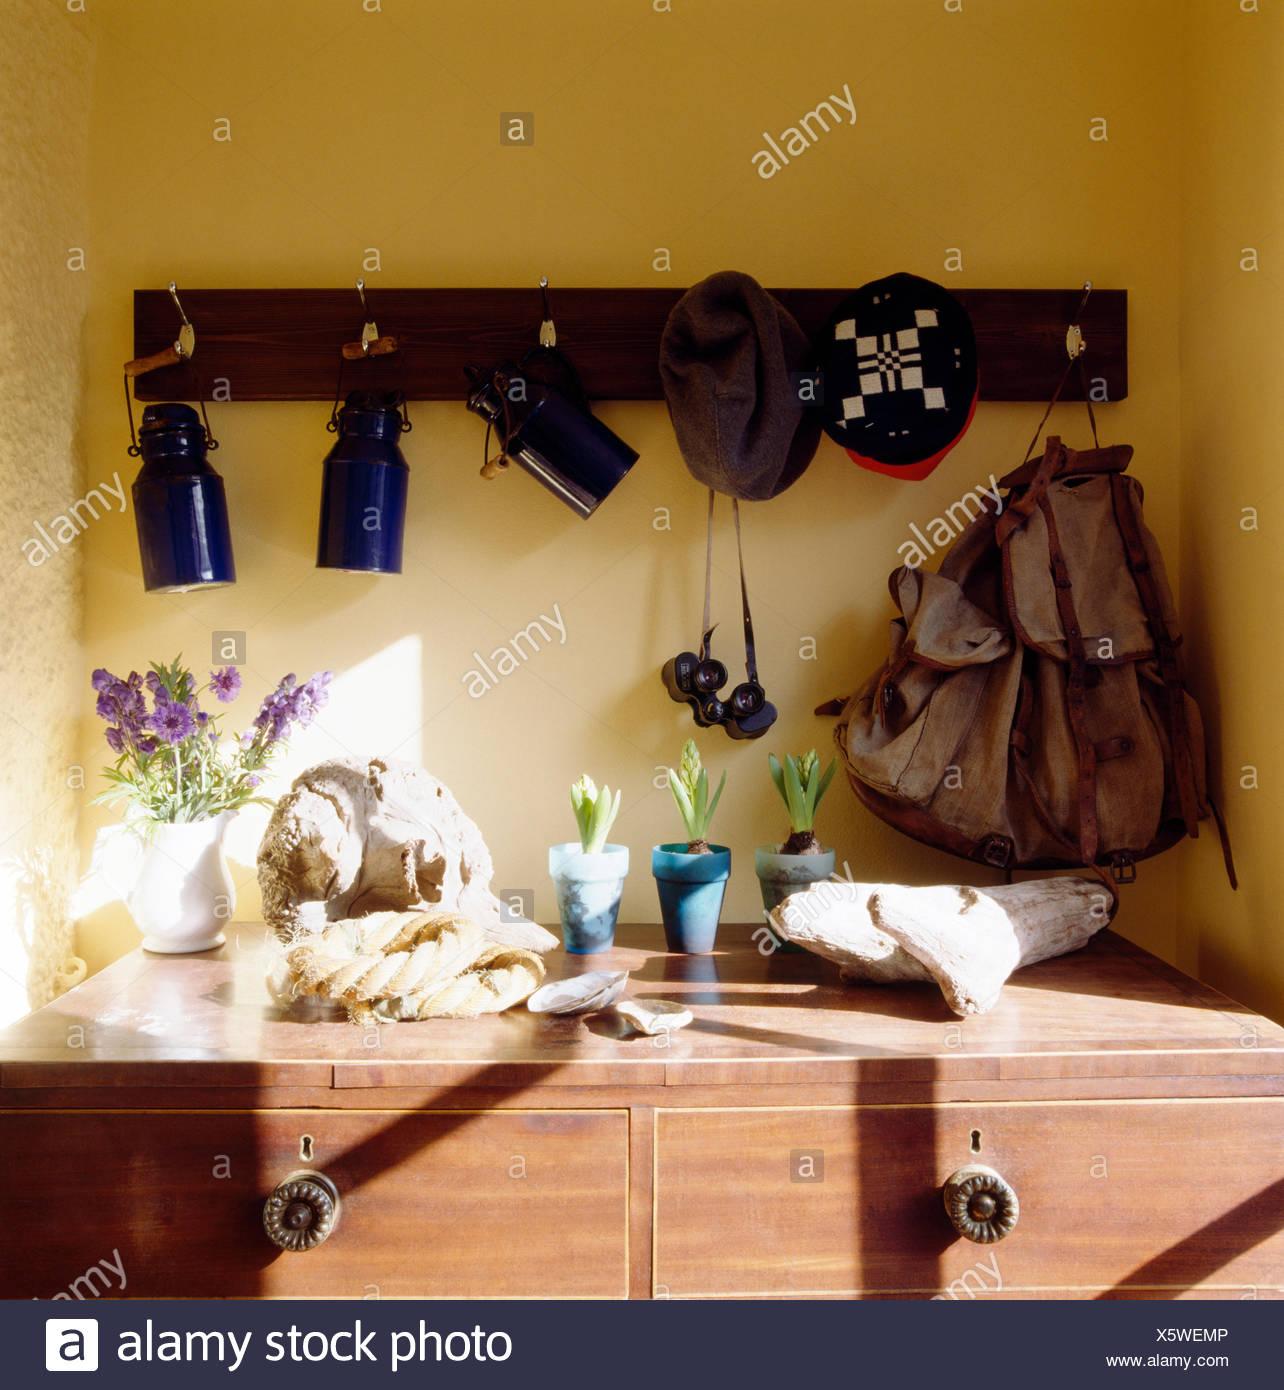 Großartig Küsten Hütte Bilder Von Der Küche Bilder - Küche Set Ideen ...